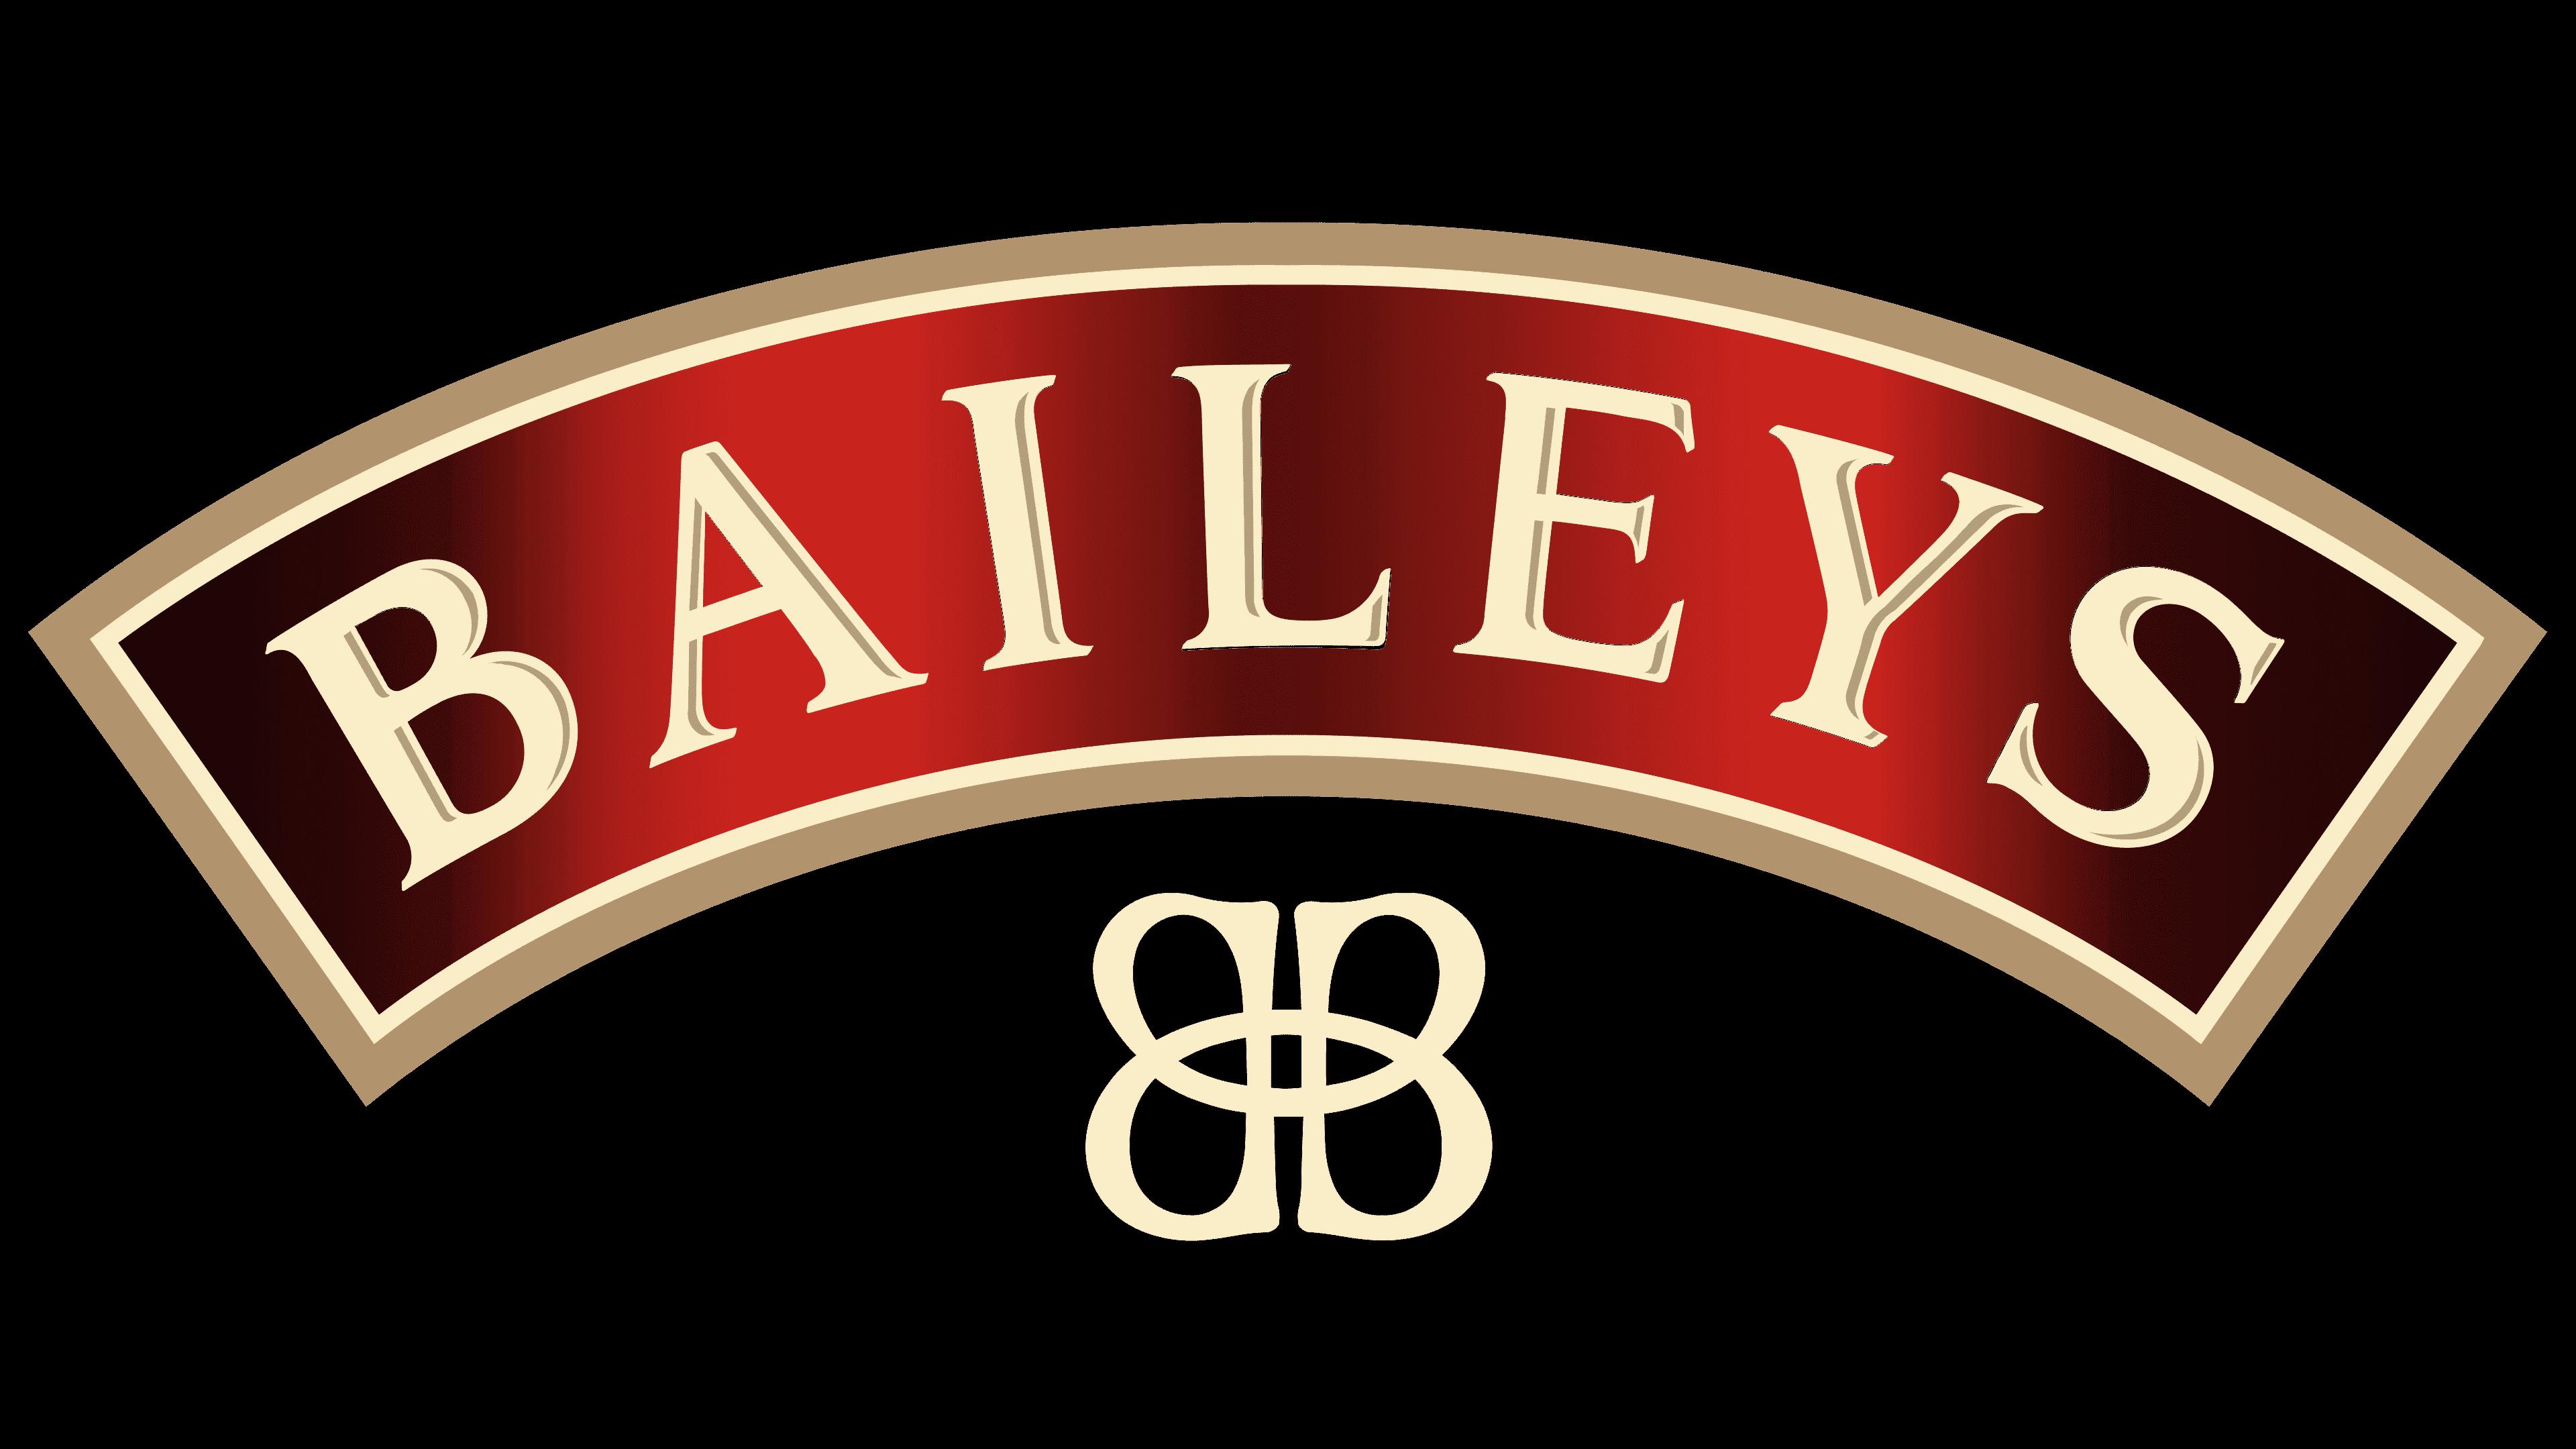 Logo de la marque concernant au produit Bailey's